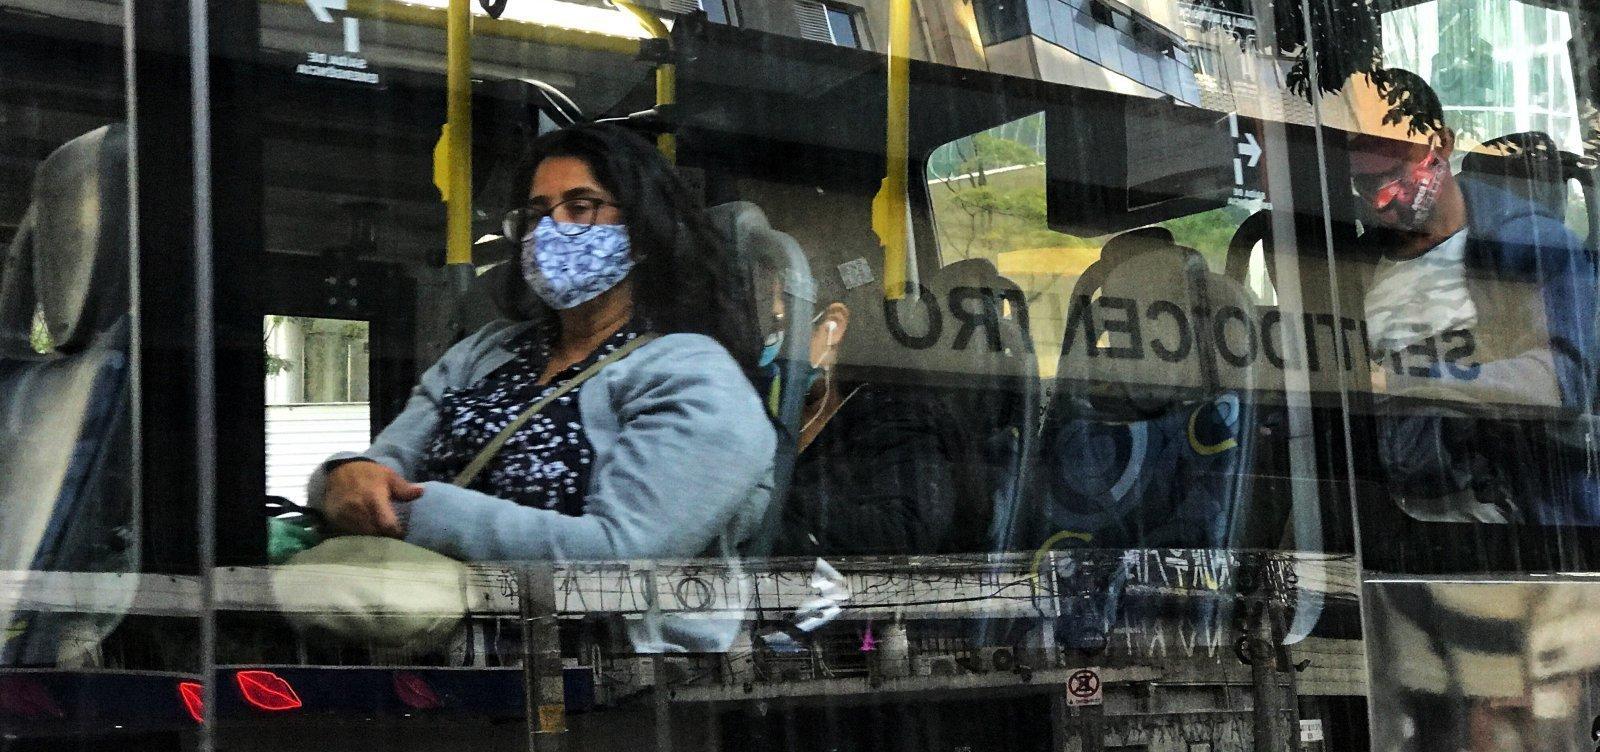 [Com mais 1.291 mortes, Brasil chega a 228 mil óbitos causados pela Covid-19, aponta boletim de imprensa]